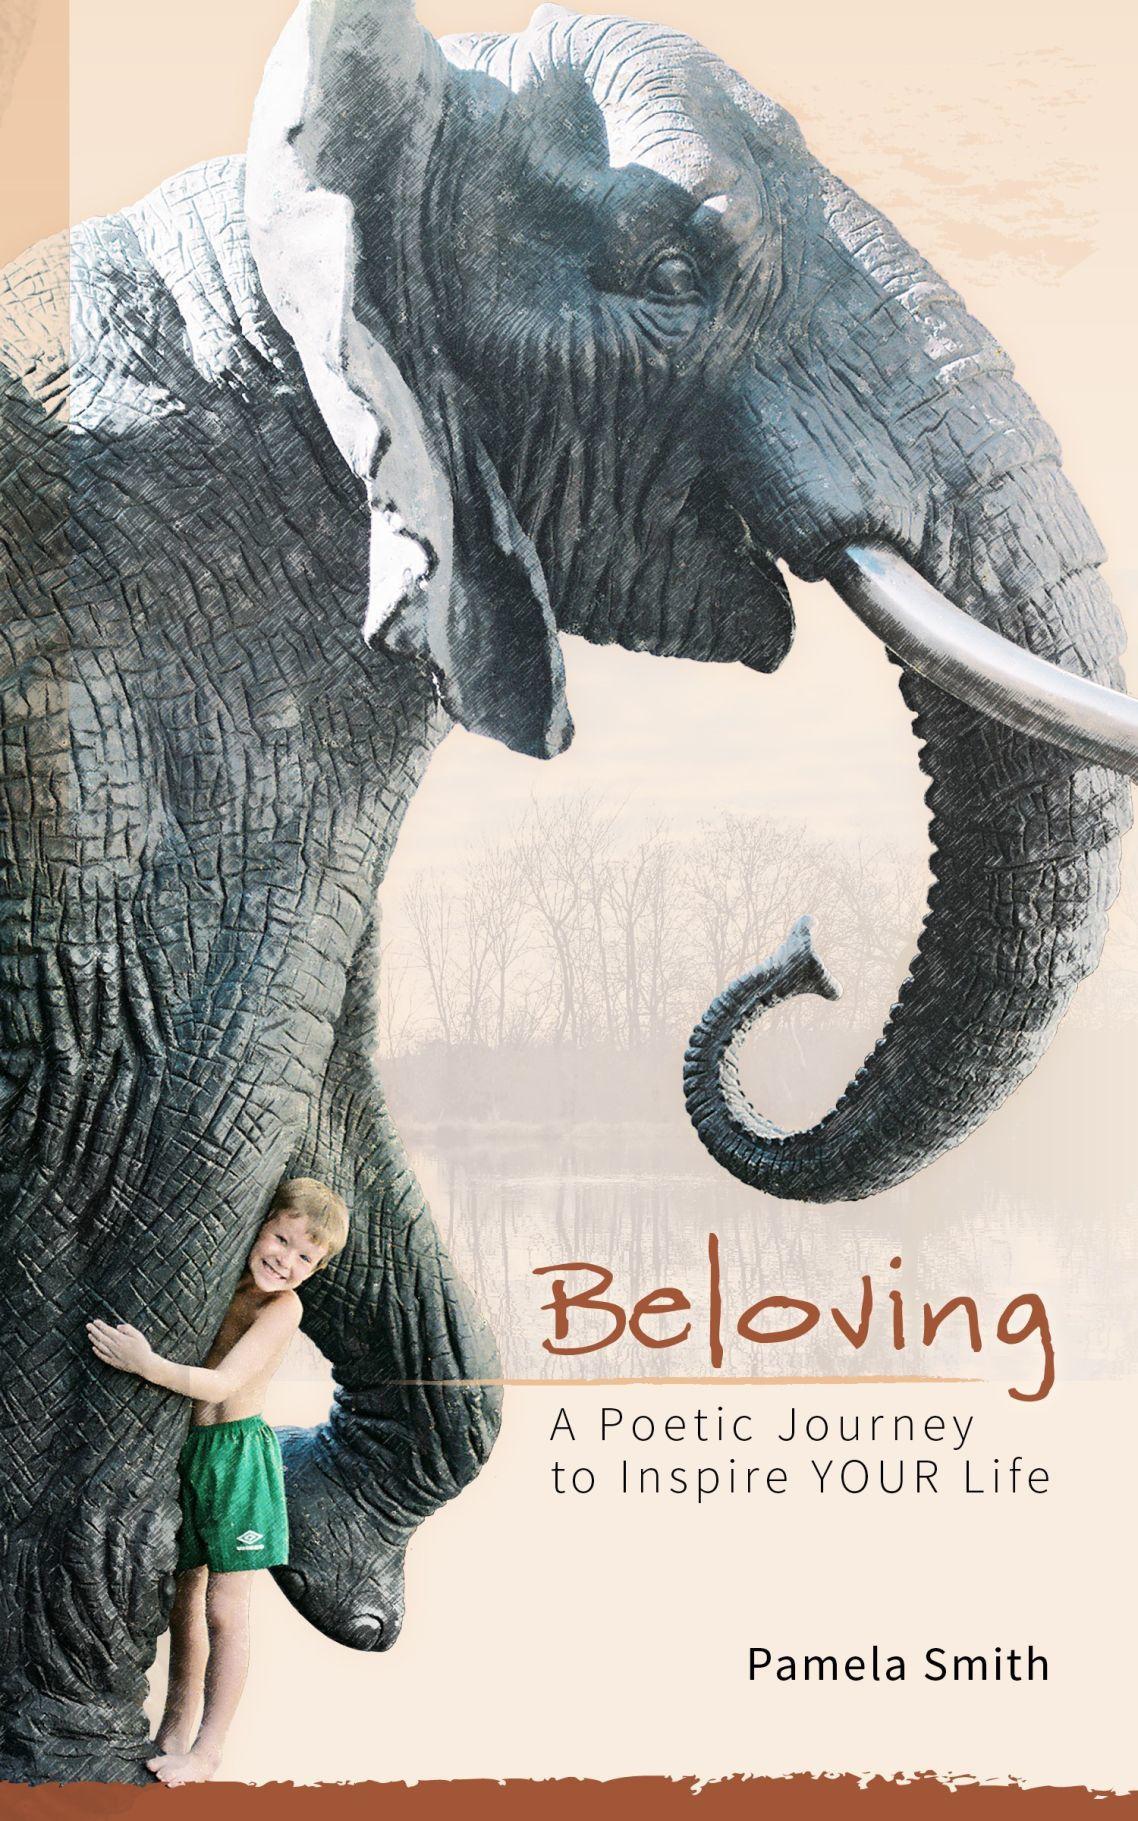 Beloving-Pamela Smith-9781733371407.jpg